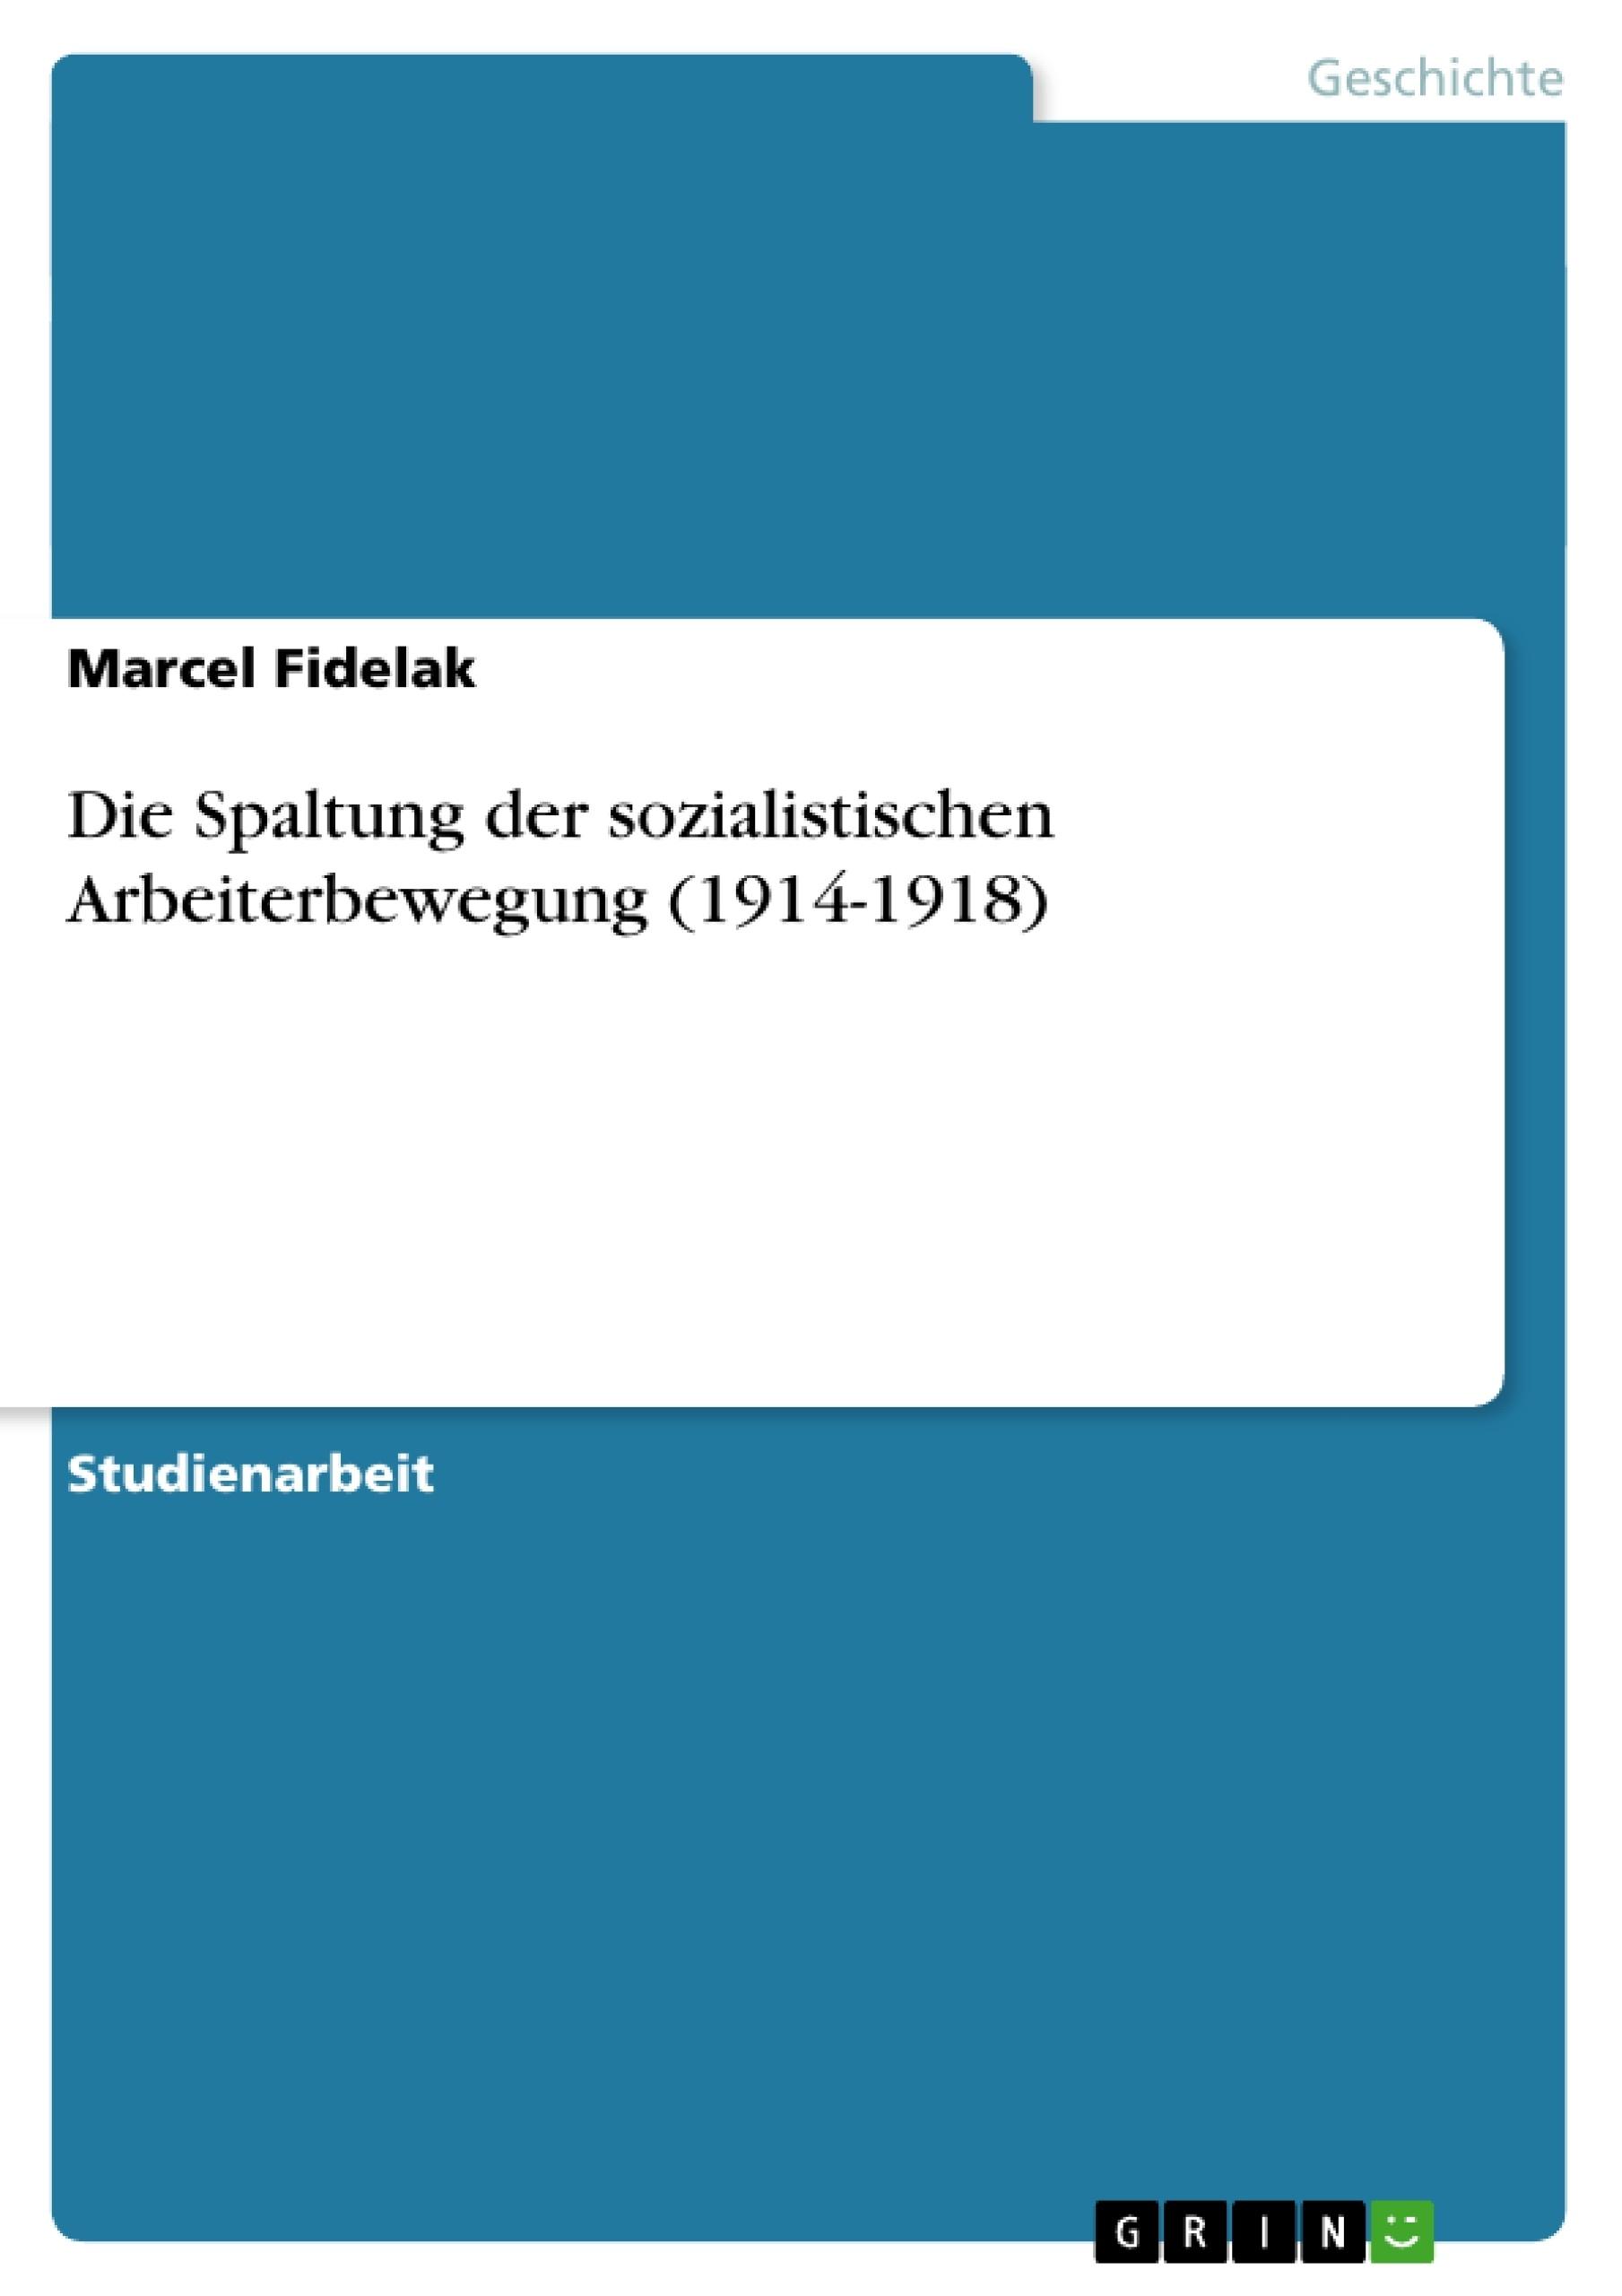 Titel: Die Spaltung der sozialistischen Arbeiterbewegung (1914-1918)